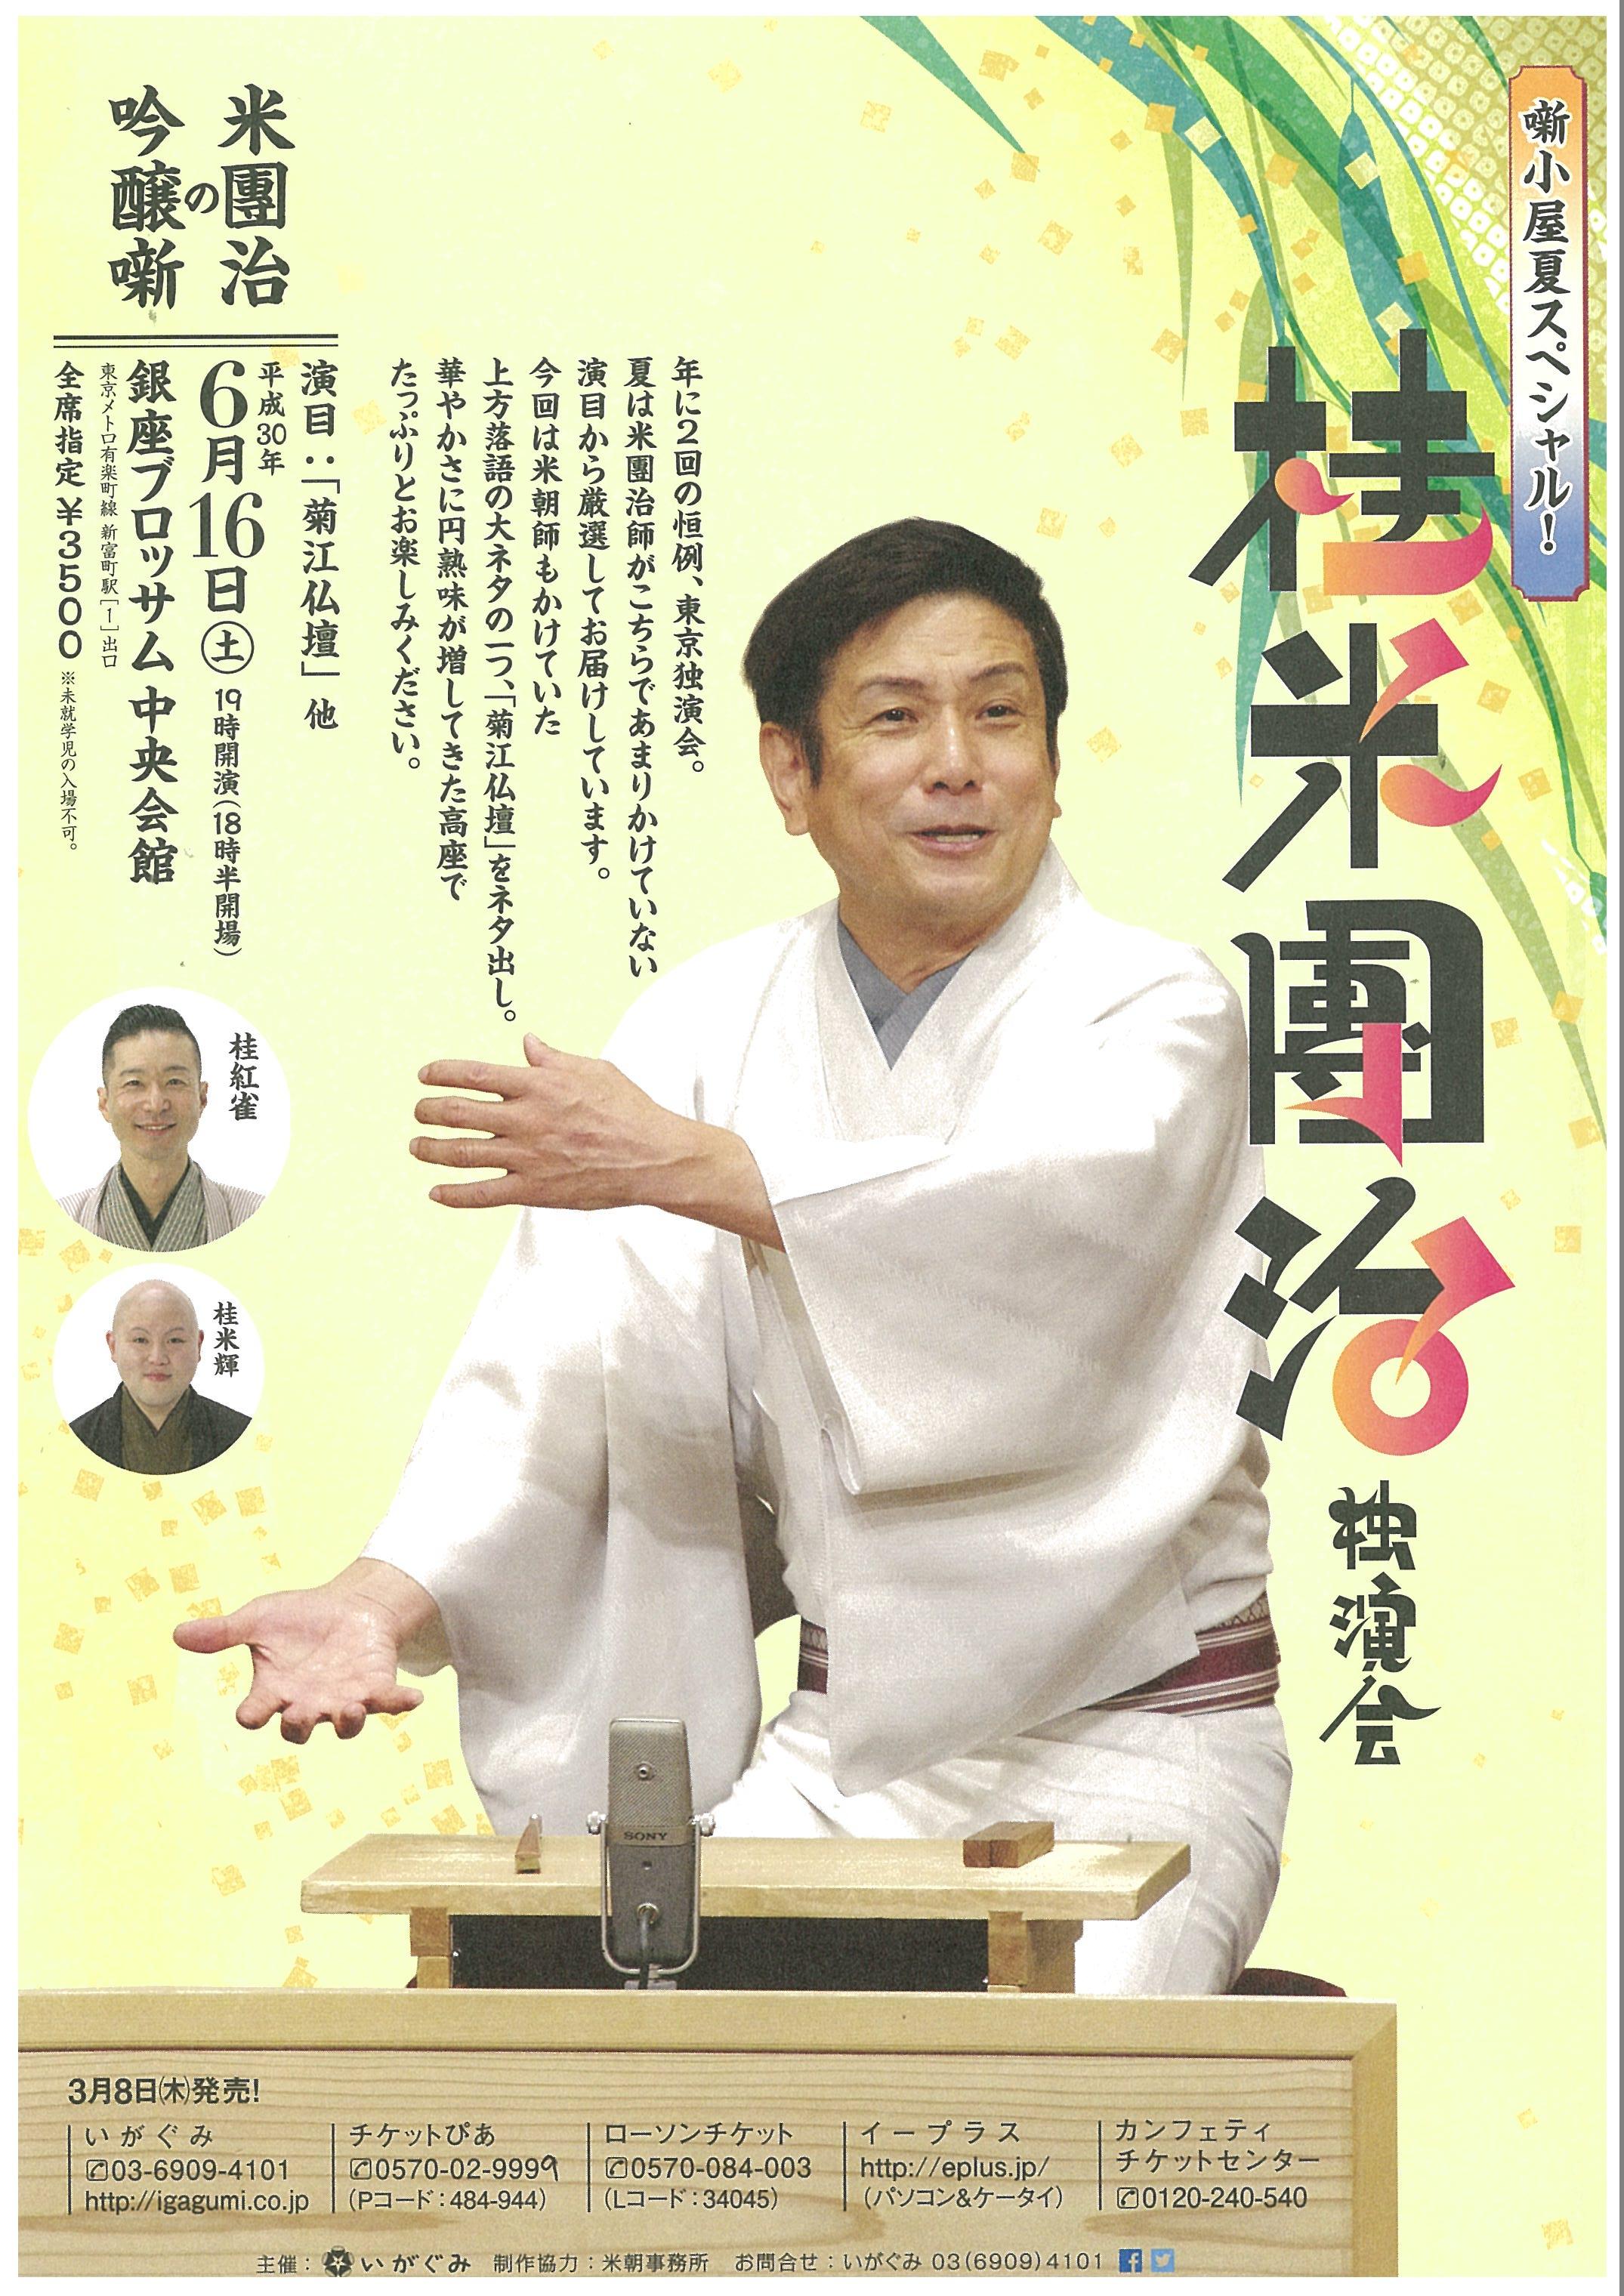 噺小屋夏スペシャル! 桂米團治 独演会